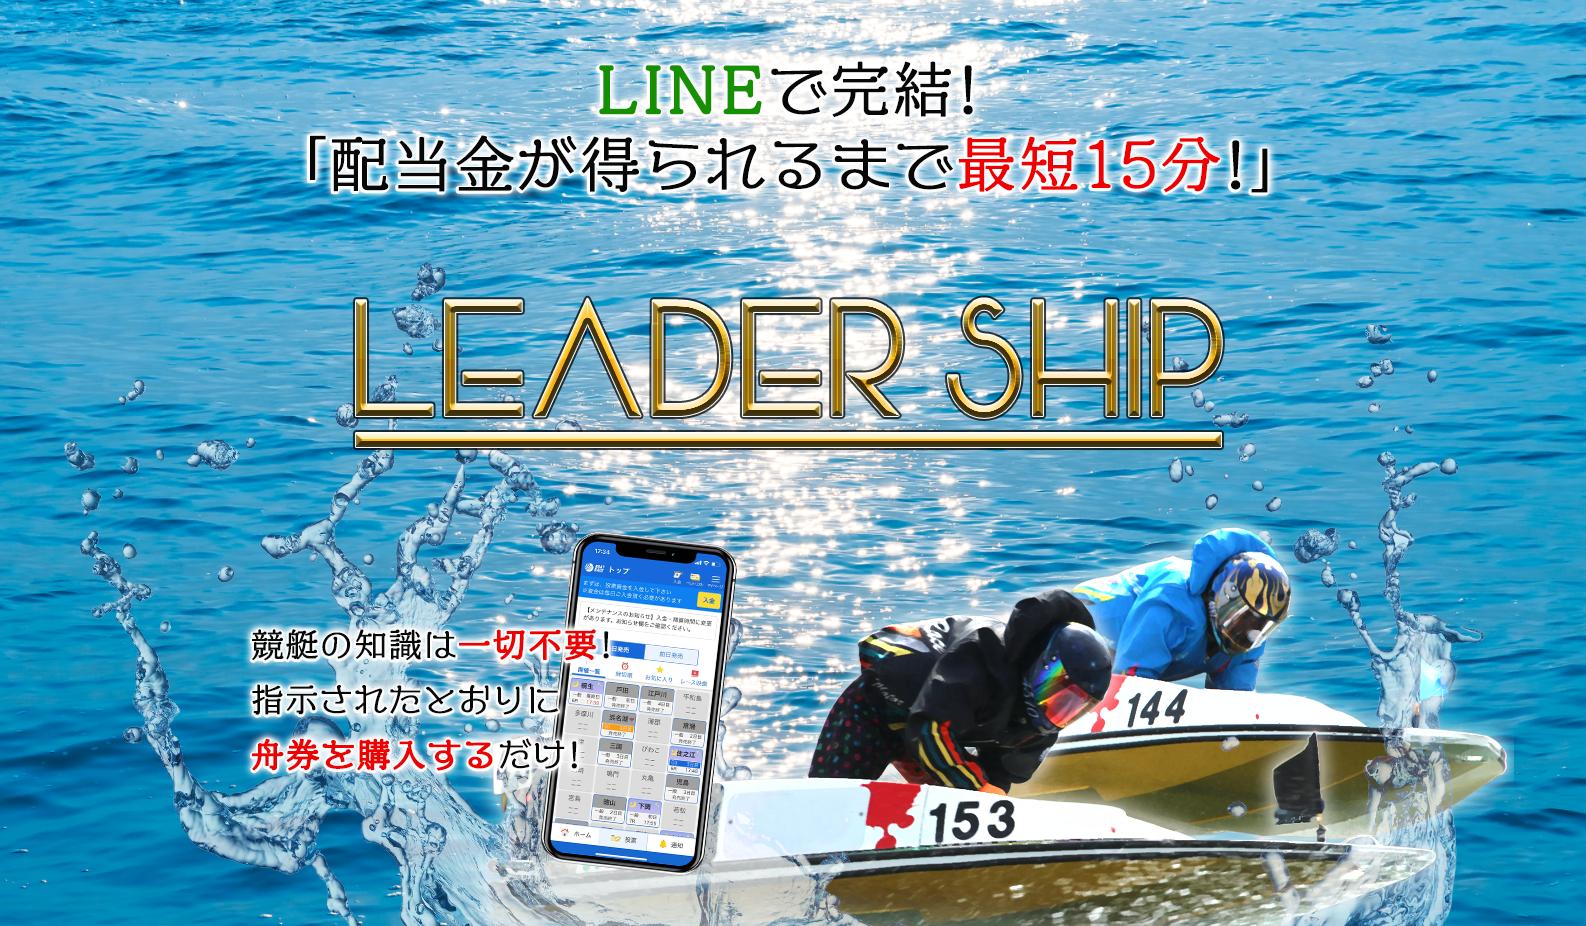 優良競艇(ボートレース)予想サイト リーダーシップ(LEADER SHIP)